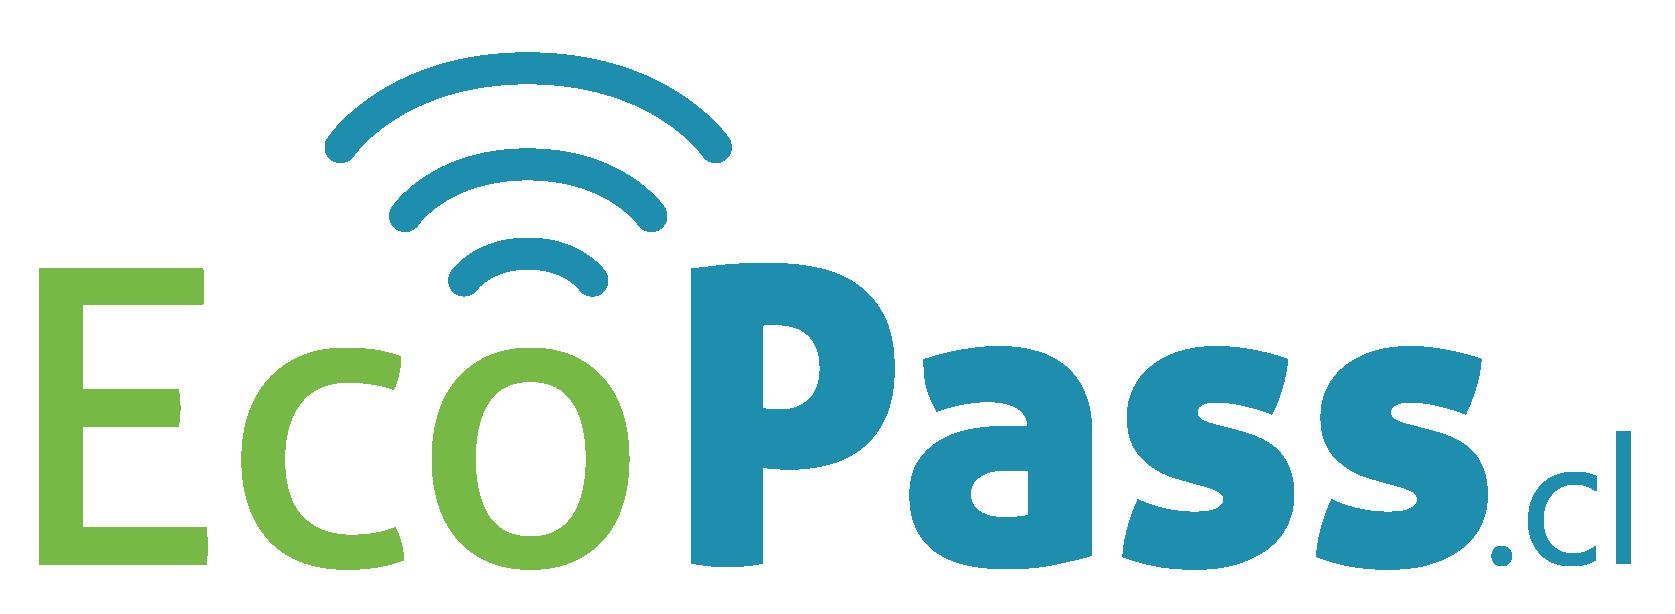 Empresas Desafio10x: Ecopass Spa